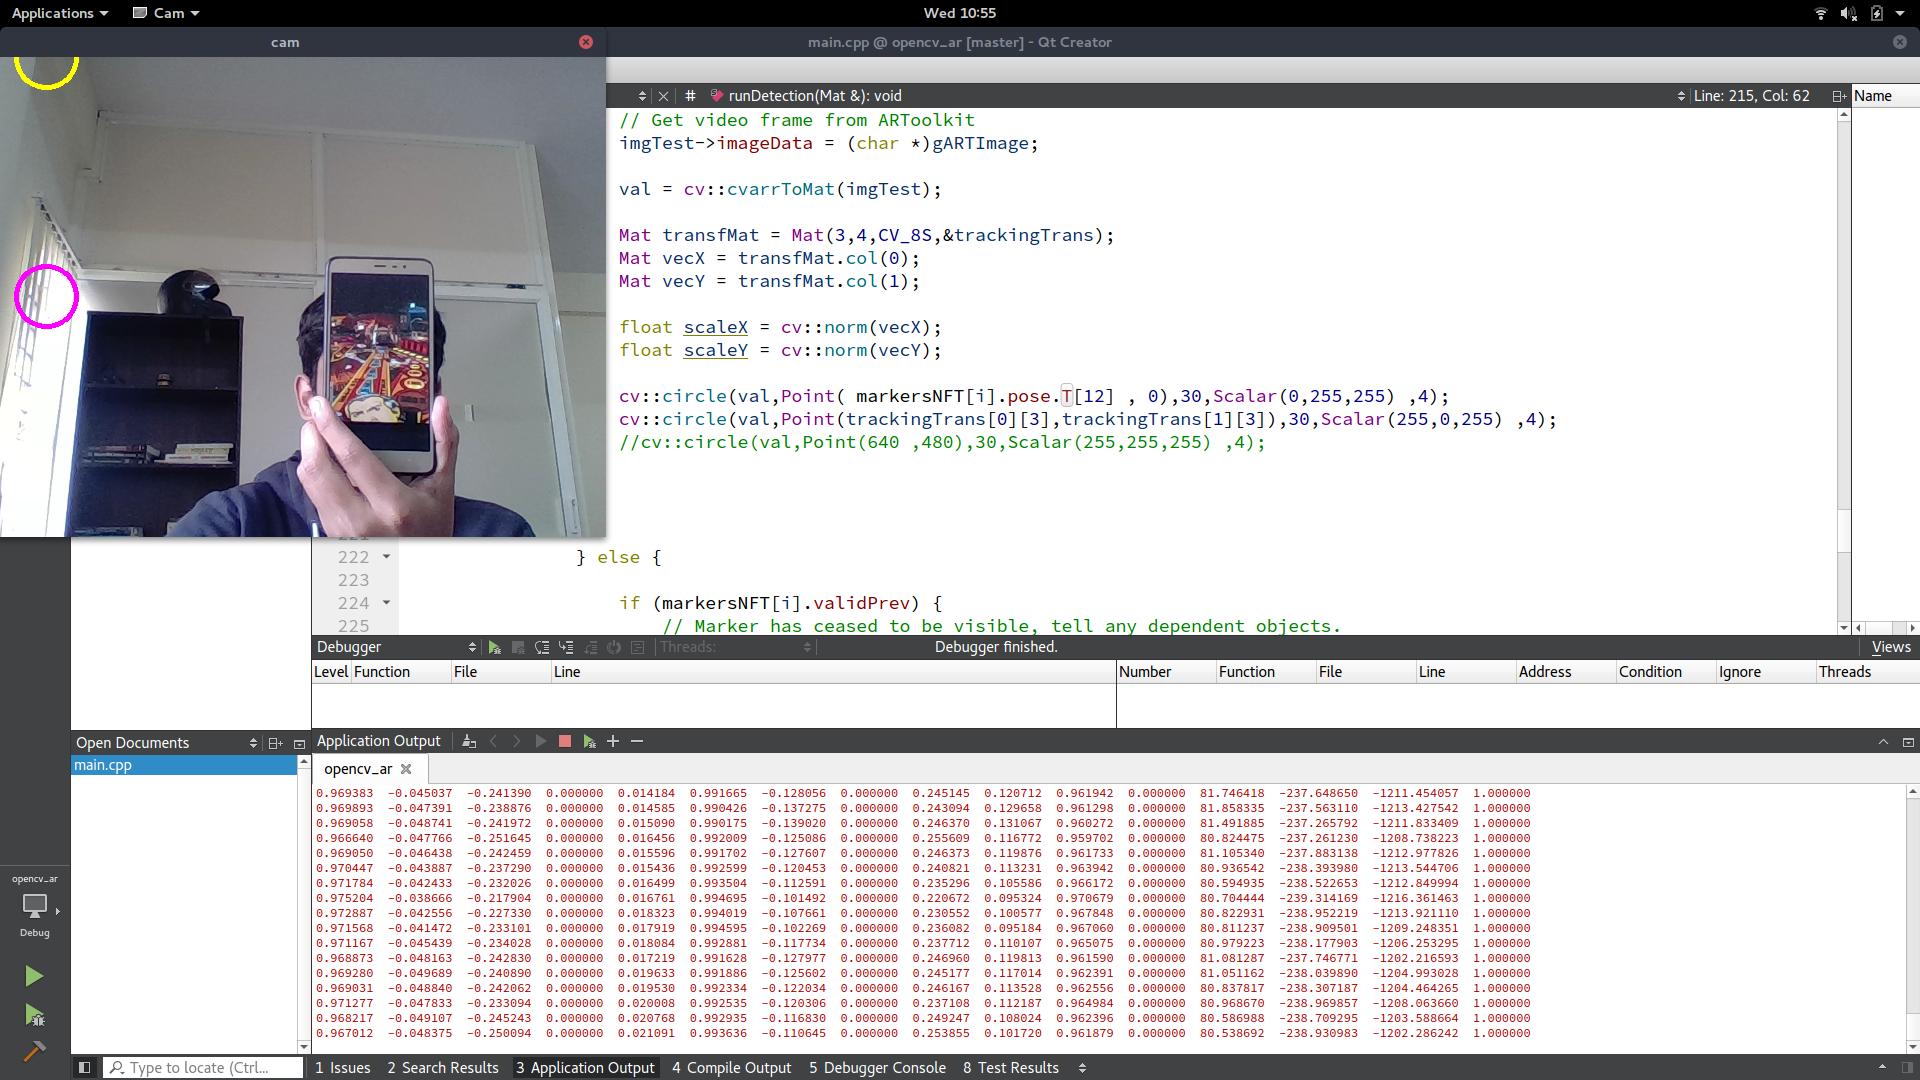 opencv 3.4 documentation